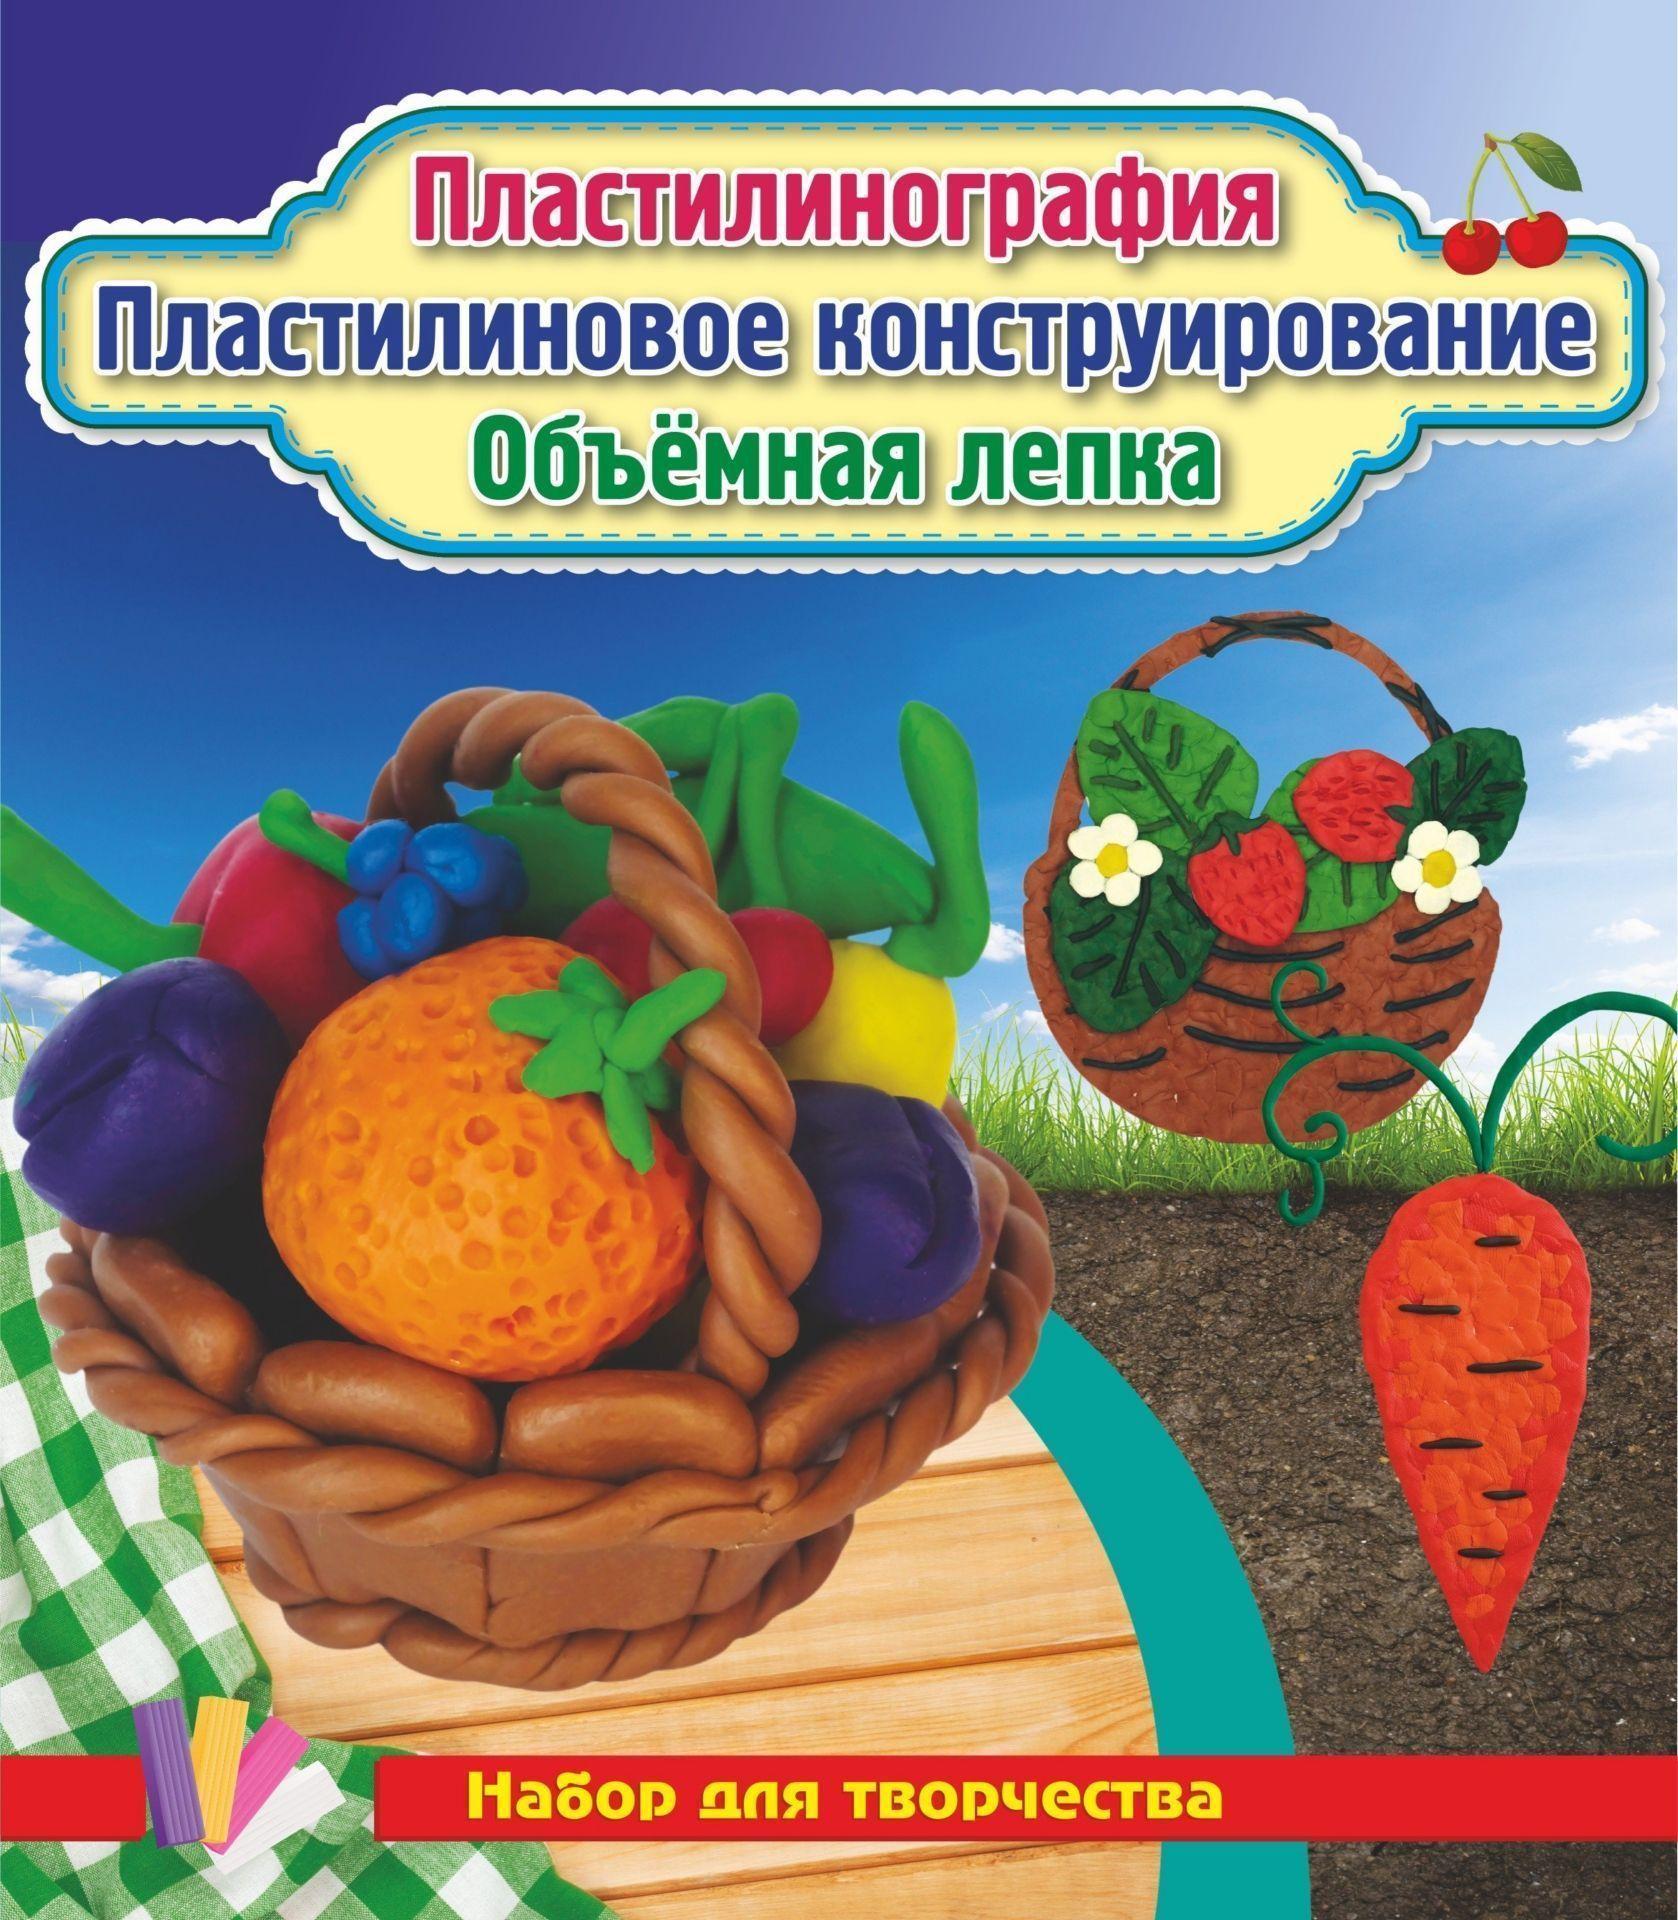 Пластилинография. Пластилиновое конструирование. Объёмная лепка.  Морковь, земляника и корзинка с фруктами: набор в коробочке содержит 3 цветных карточки, 2 карточки-трафарета, брошюра, 1 стека и 12 брусков пластилинаЛепка<br>Набор Морковь, земляника и корзина с фруктами в увлекательной игровой форме познакомит детей с тремя разными технологиями лепки: пластилинографией, объемной лепкой и комбинированной пластилинографией с элементами конструирования. Поэтапно и увлекательно...<br><br>Год: 2017<br>Серия: Набор для творчества<br>Высота: 230<br>Ширина: 200<br>Толщина: 40<br>Переплёт: набор